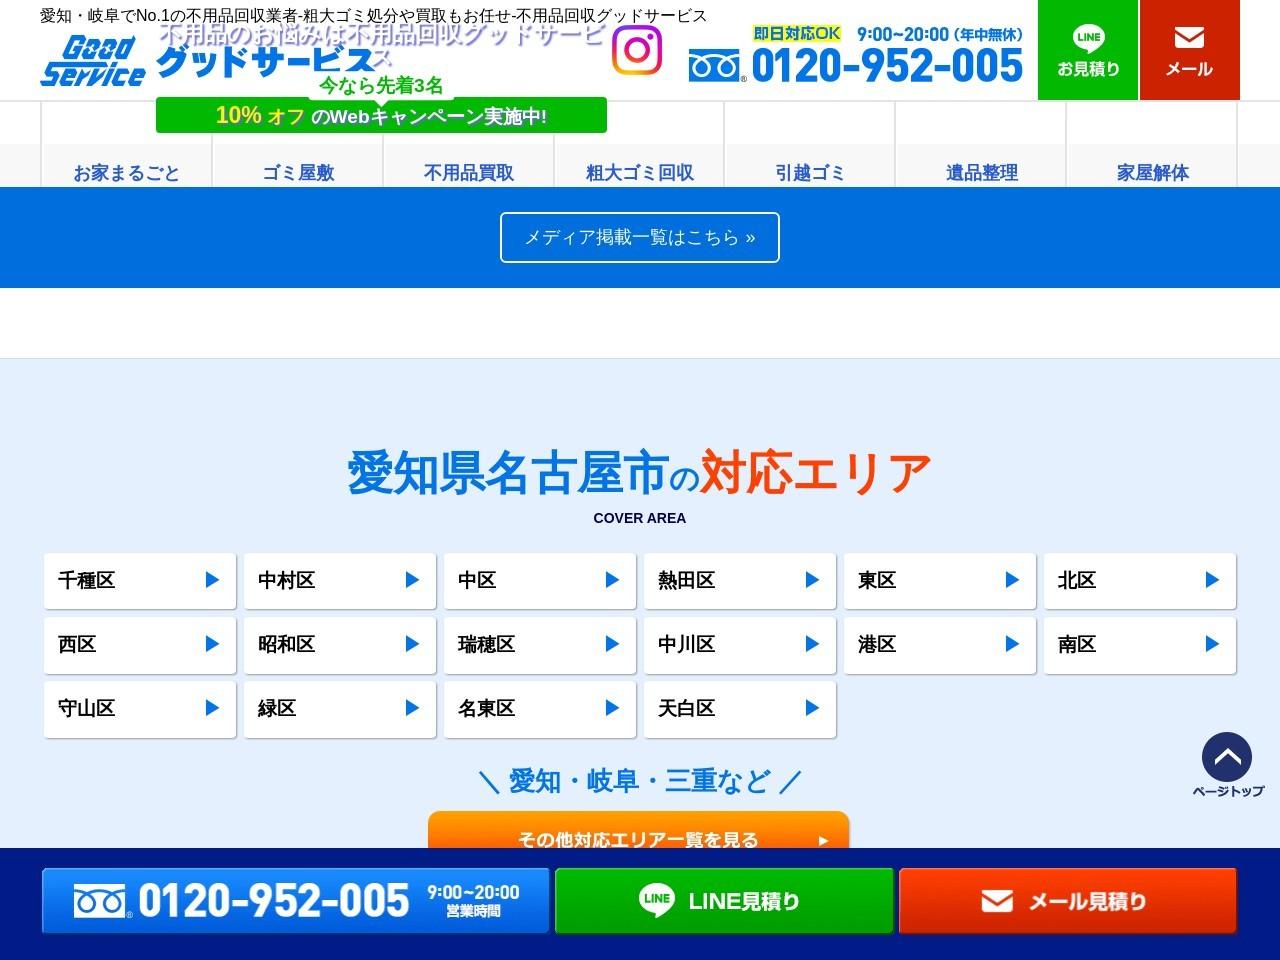 名古屋の不用品回収は満足度96%の安心・安い『グッドサービス』